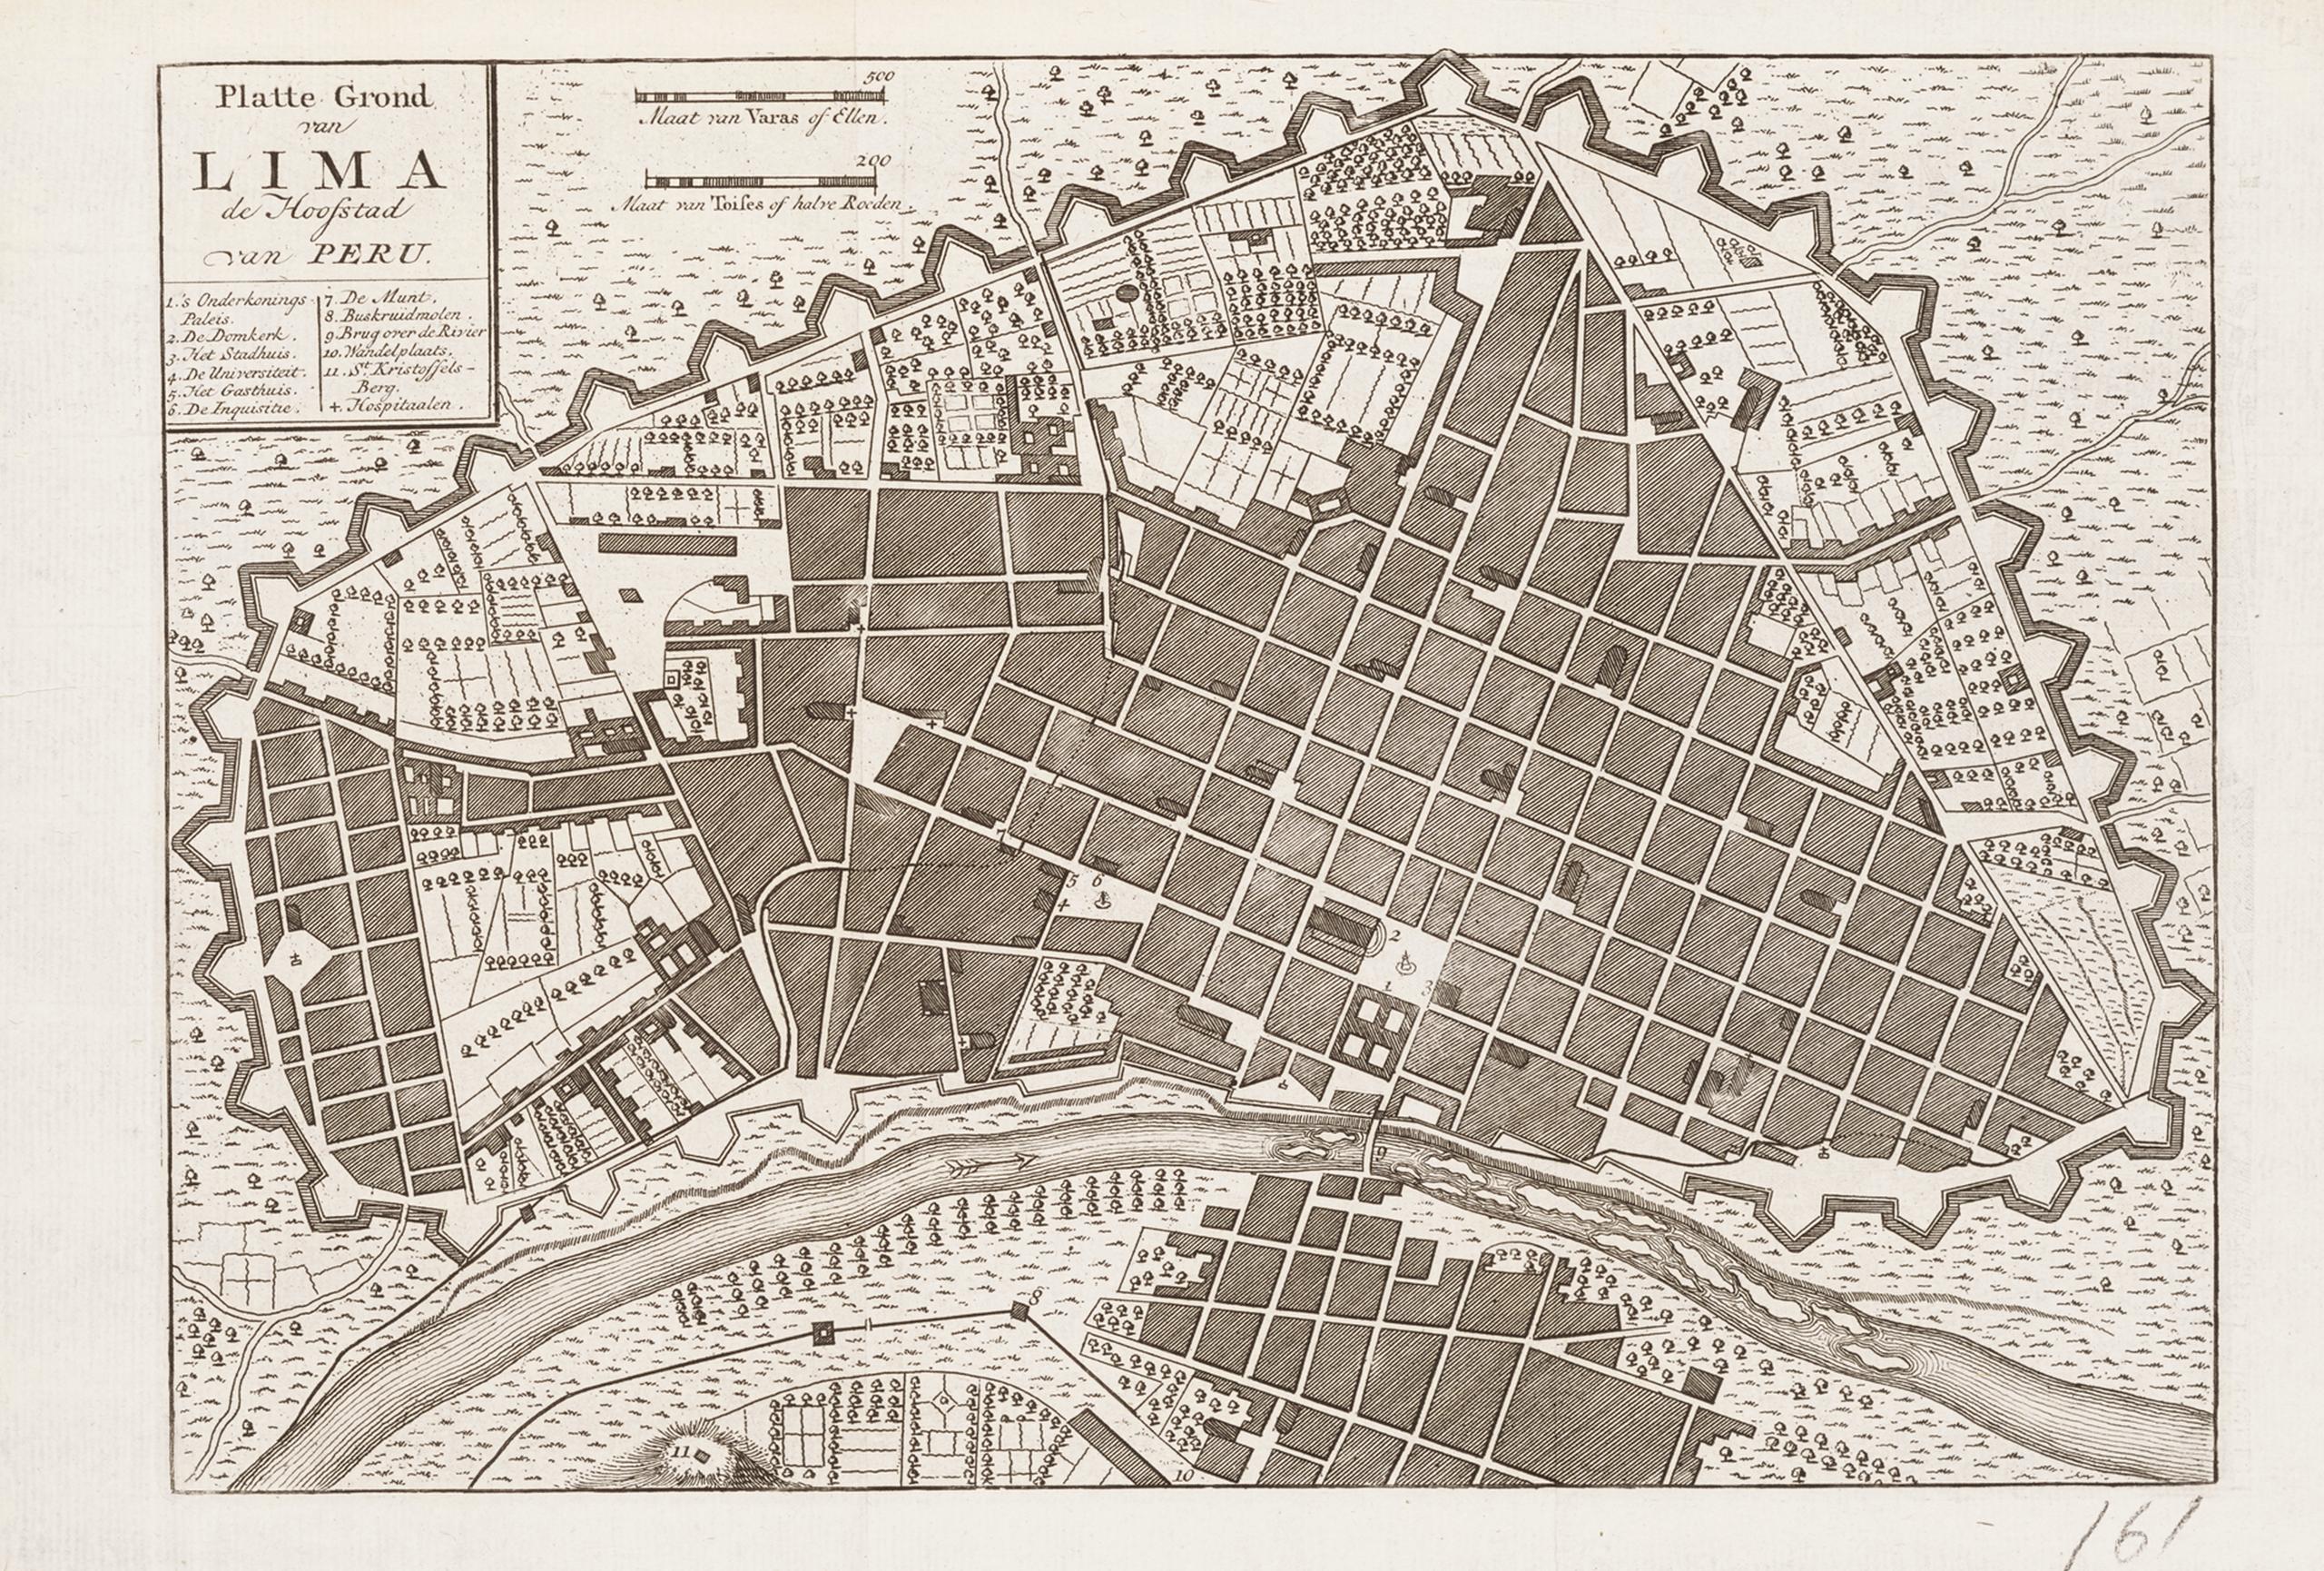 Plano de Lima, capital del Perú | La metrópolis en América Latina, 1830-1930 | Museo Amparo, Puebla